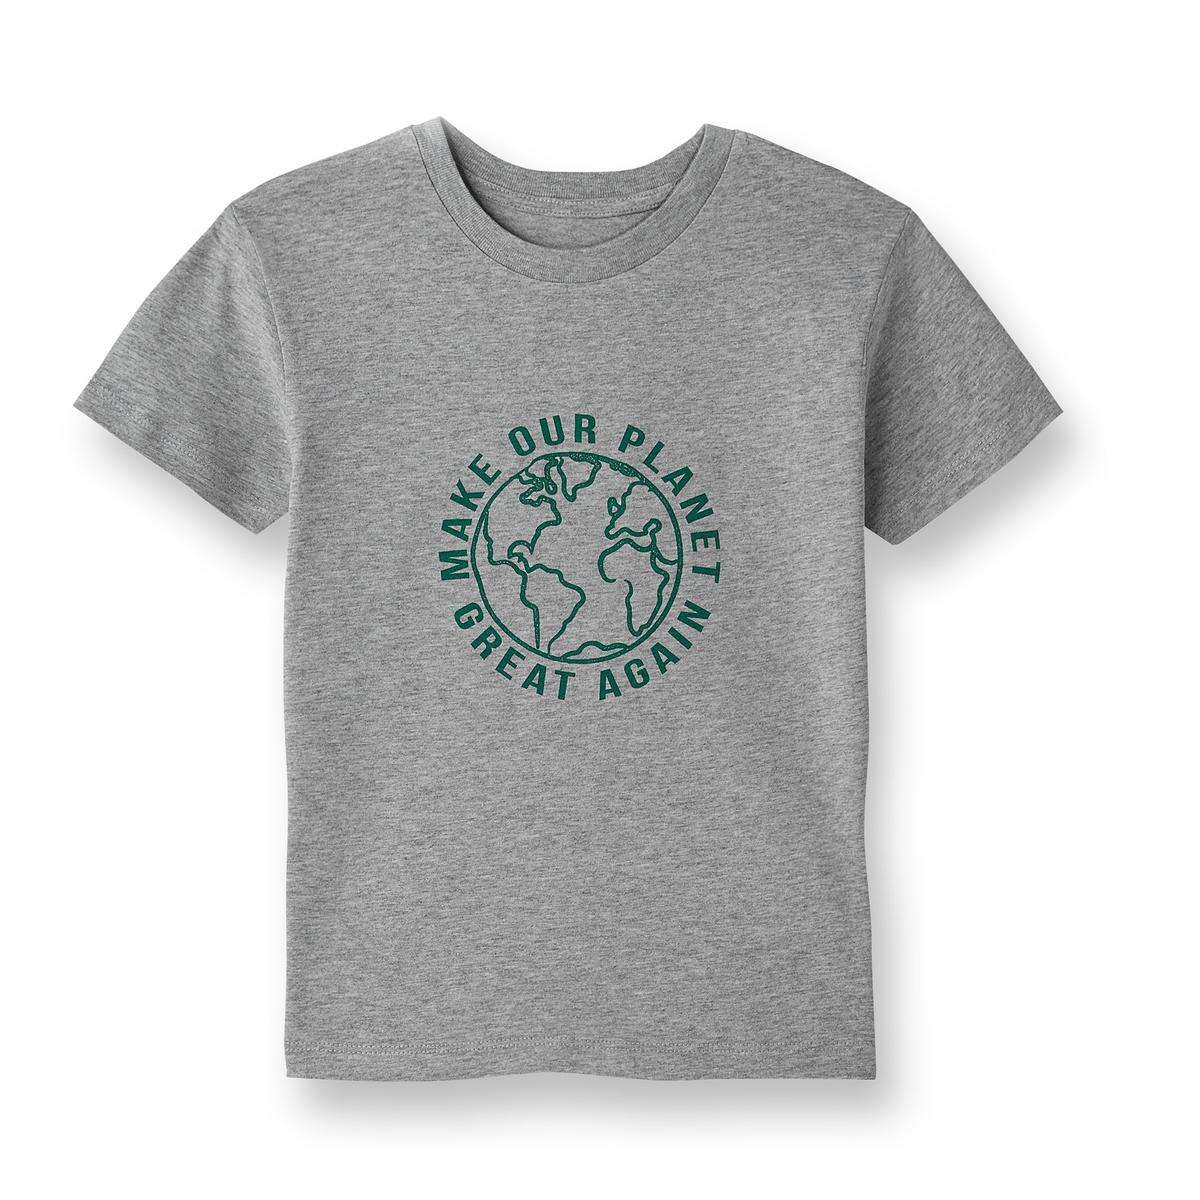 Футболка с надписью из биохлопка, 5-14 летЗа каждую проданную футболку La Redoute перечисляет 1€ Envol'Vert. Собранная сумма позволит участвовать в проекте озеленения леса в Колумбии.                                          Более подробно : http://envol-vert.org/projets/restauration-forestiere-et-noyer-maya/                         Состав и описаниеМатериал:100% био-хлопокМарка: La Redoute Collections совместно с Envol'Vert                     Уход:                     Стирать при 30° с изделиями схожих цветов                     Отбеливание запрещено                     Гладить при умеренной температуре                     Сухая (химическая) чистка запрещена                     Машинная сушка запрещена                                          Преимущества : Био-продукт.                     Выращенный без использования пестицидов и химических удобрений био-хлопок изготовлен с заботой о почве, воде и людях, возделывающих его.                     Мы заботимся о сохранении окружающей среды и здоровья людей.<br><br>Цвет: белый,серый меланж<br>Размер: 5/6 лет  - 108/114 cm.7/8 лет- 120/126 см.5/6 лет  - 108/114 cm.7/8 лет- 120/126 см.9/10 лет- 132/138 см